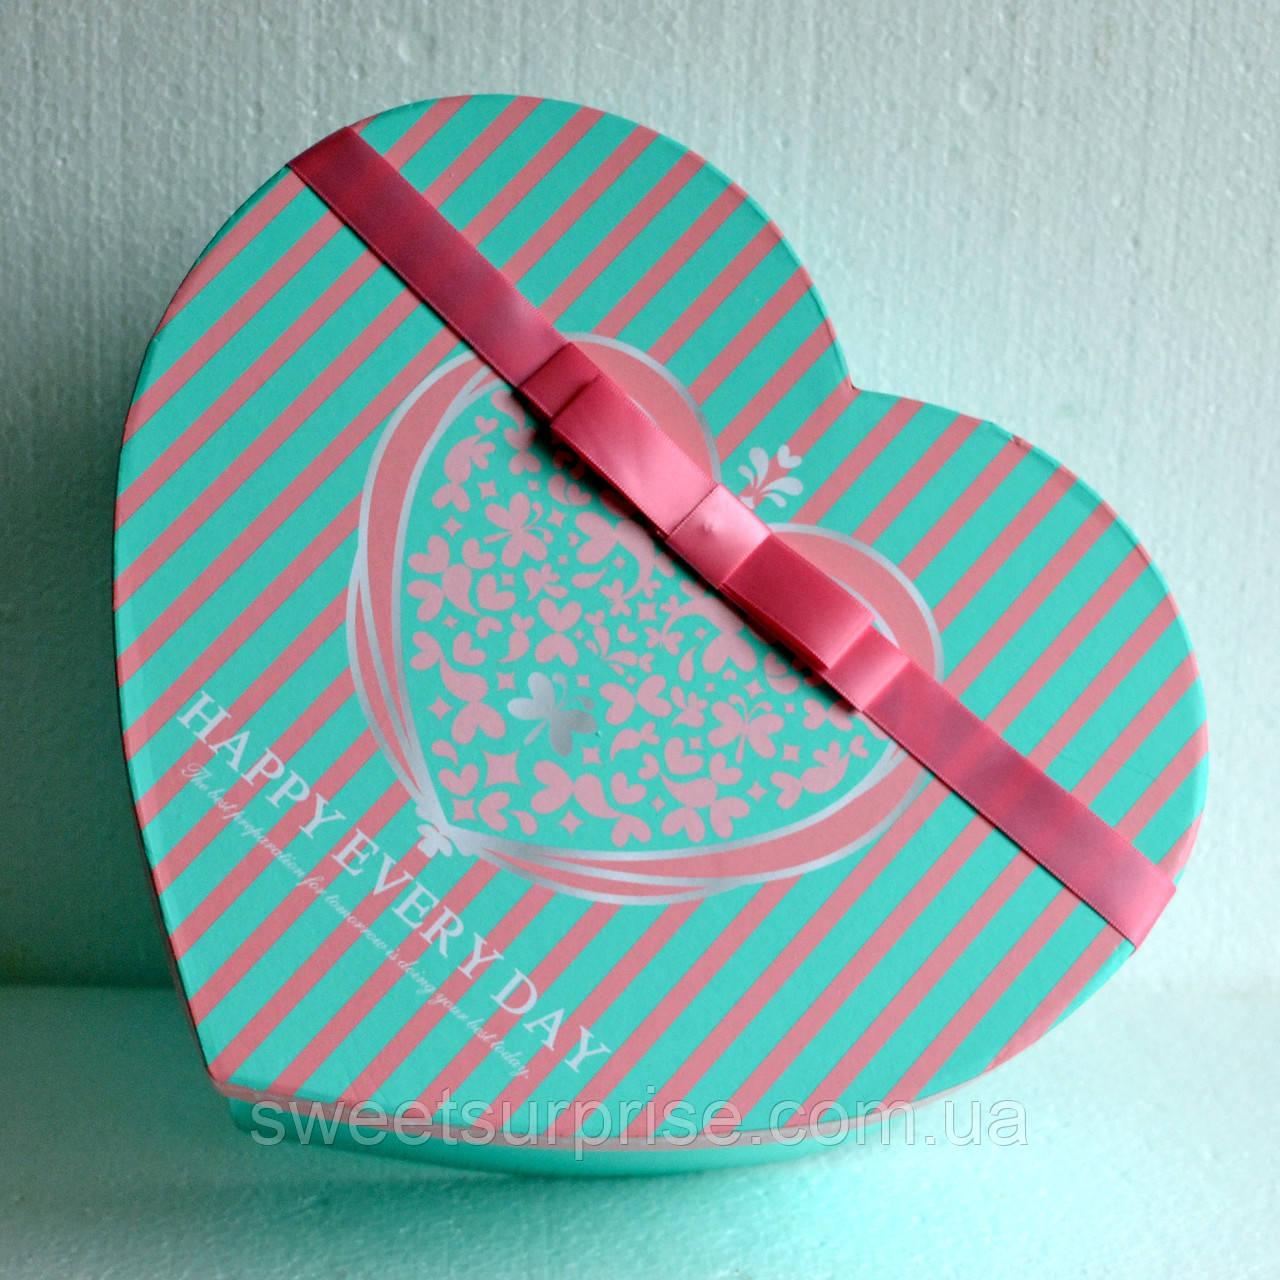 """Подарок для любимой """"Сладкое сердце"""" (большое)"""